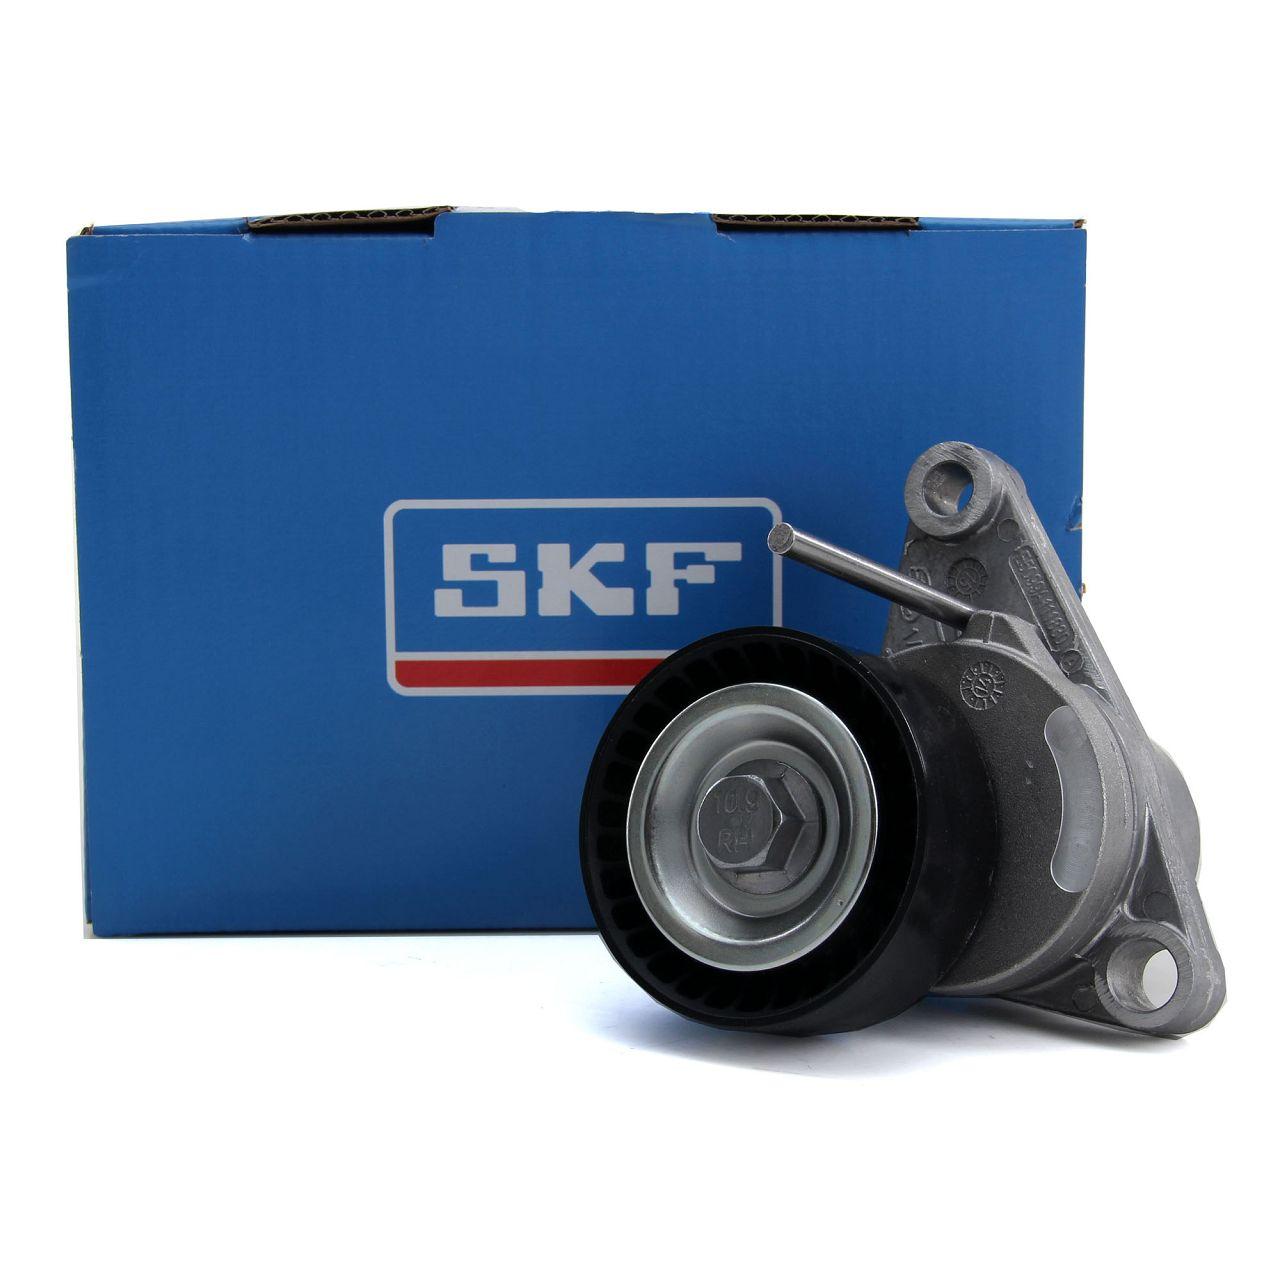 SKF Spannrolle Keilrippenriemen VKM 33074 für Peugeot 1007 207 301 307 308